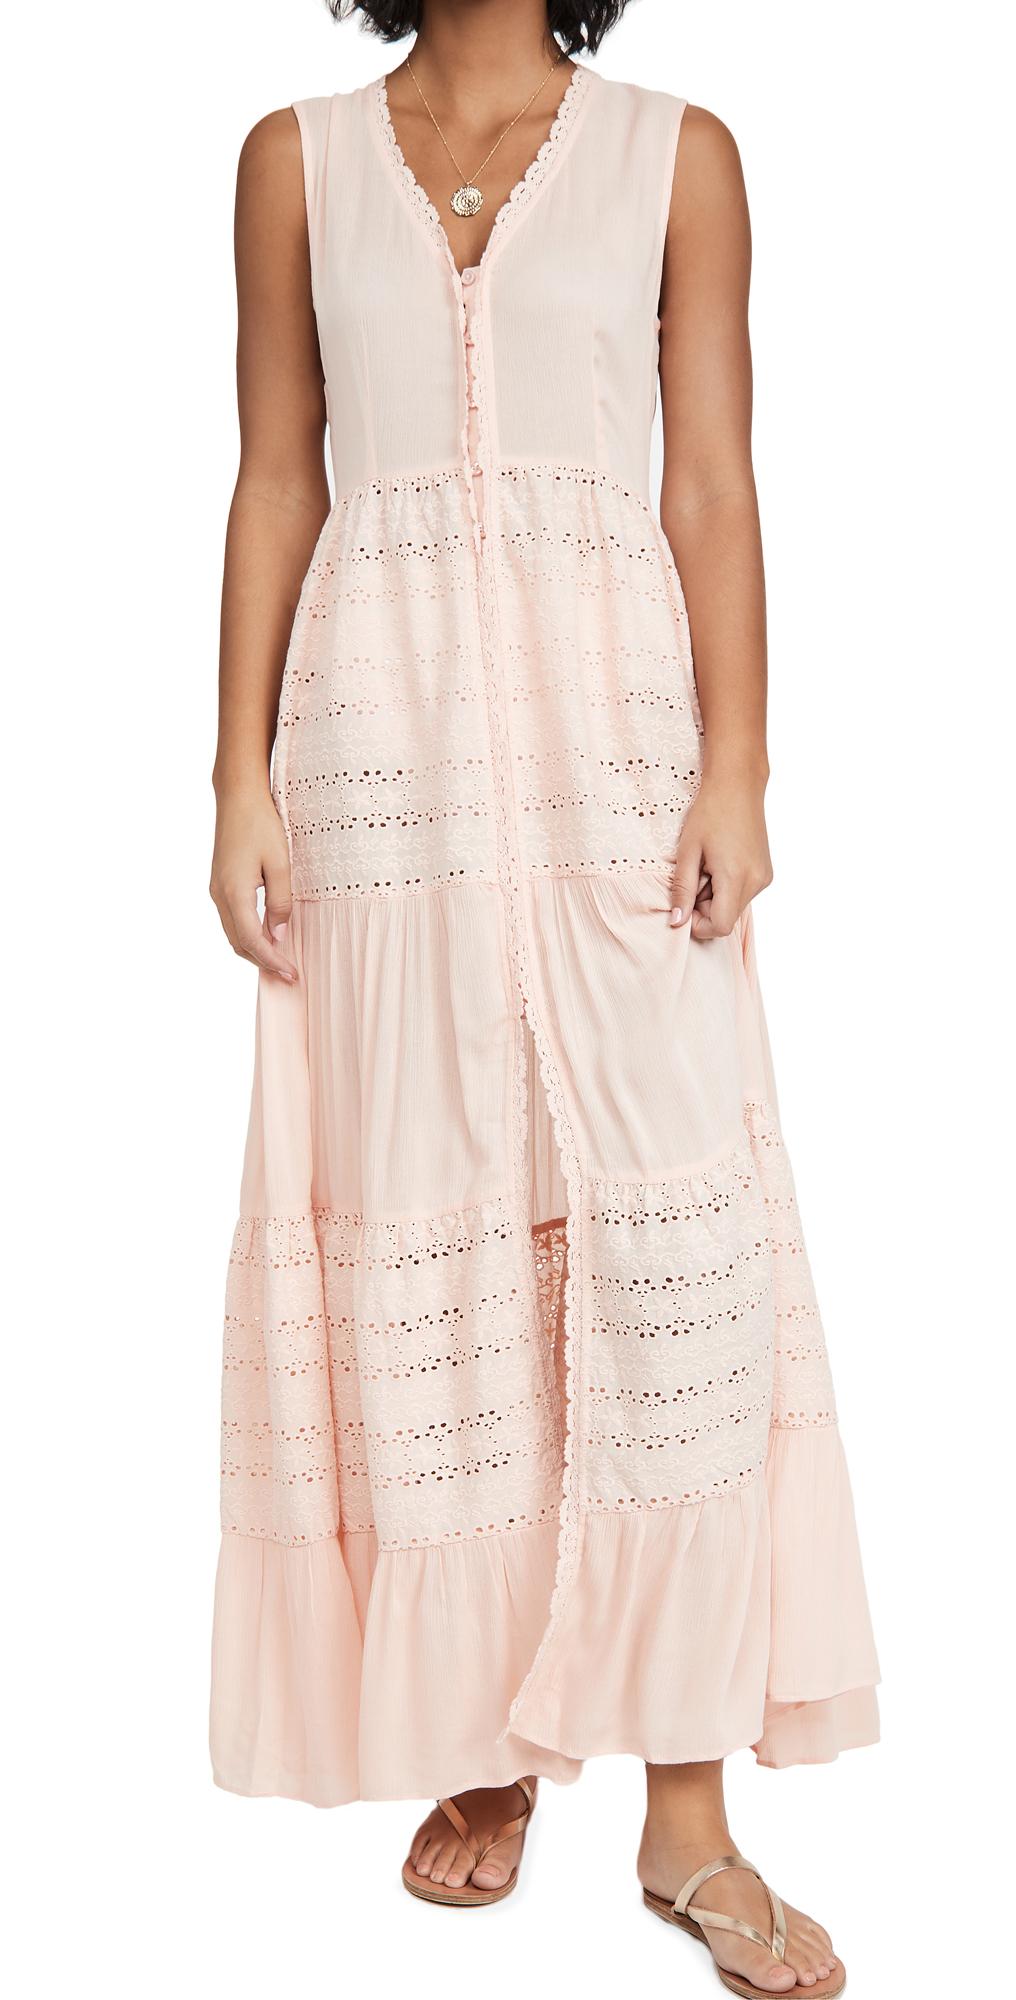 Playa Lucila Eyelet Cover Up Dress